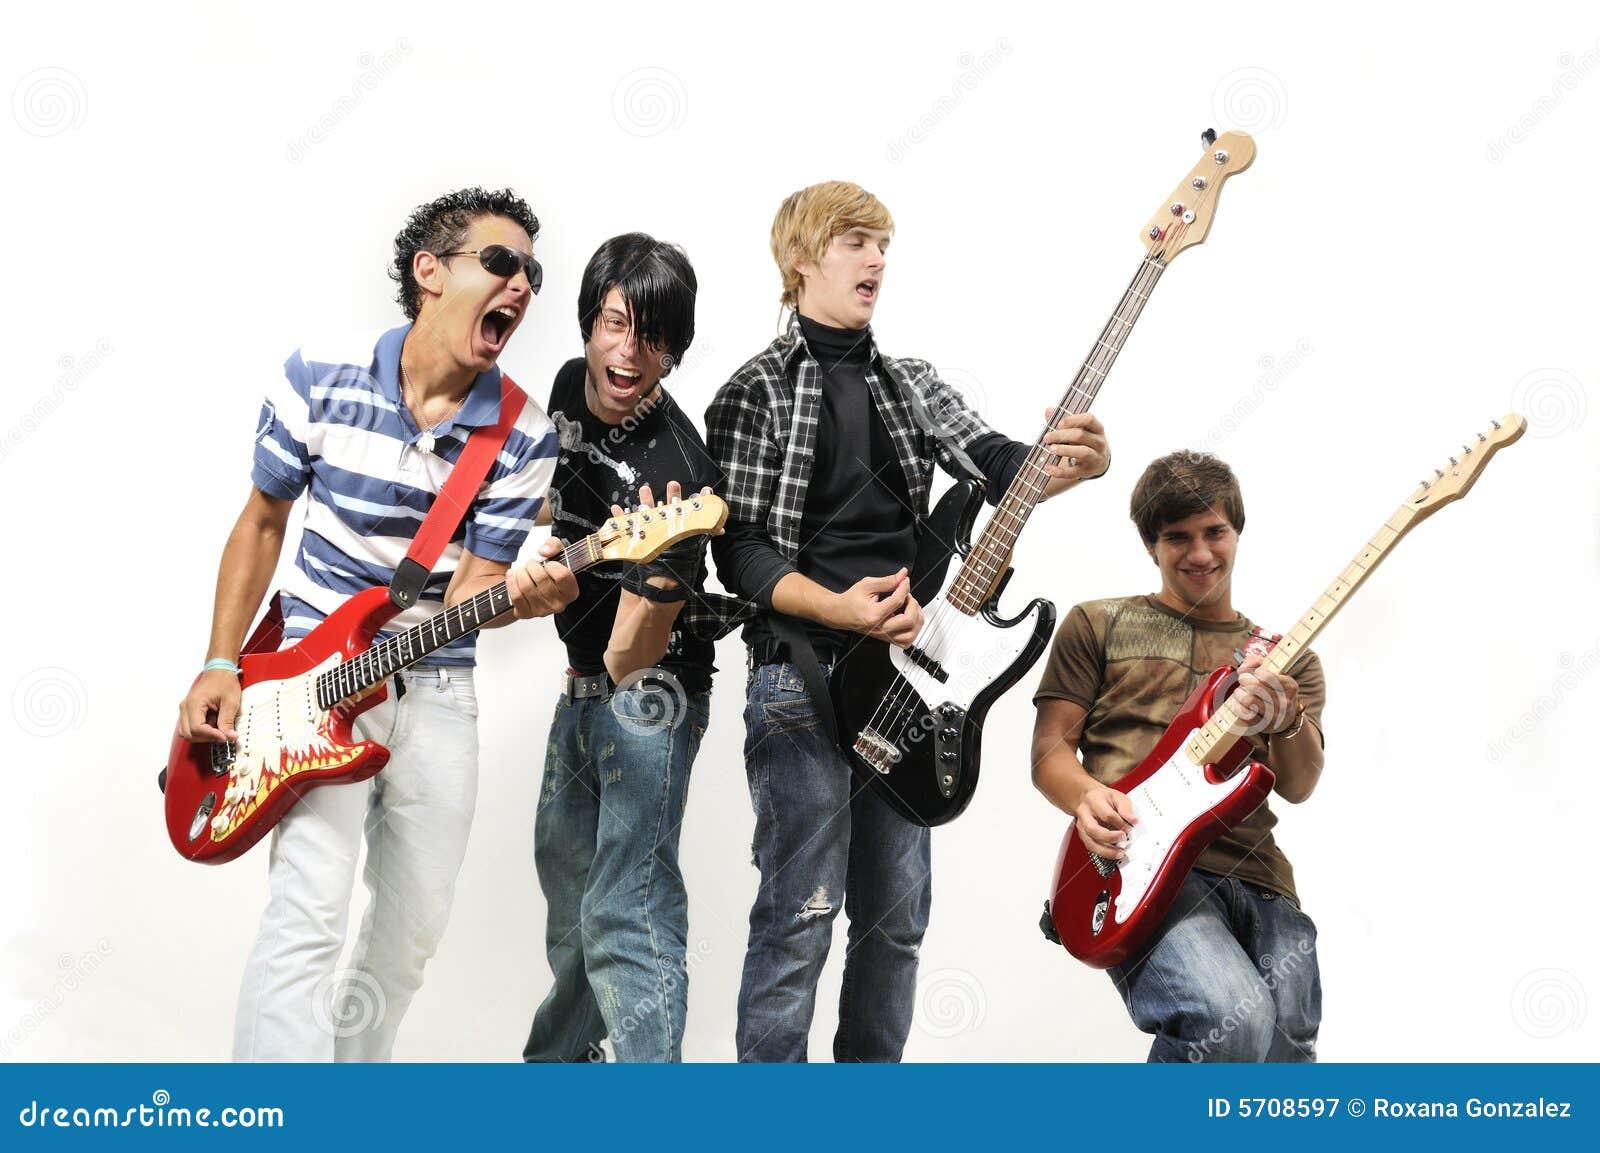 Zespół rockowy nastolatków.